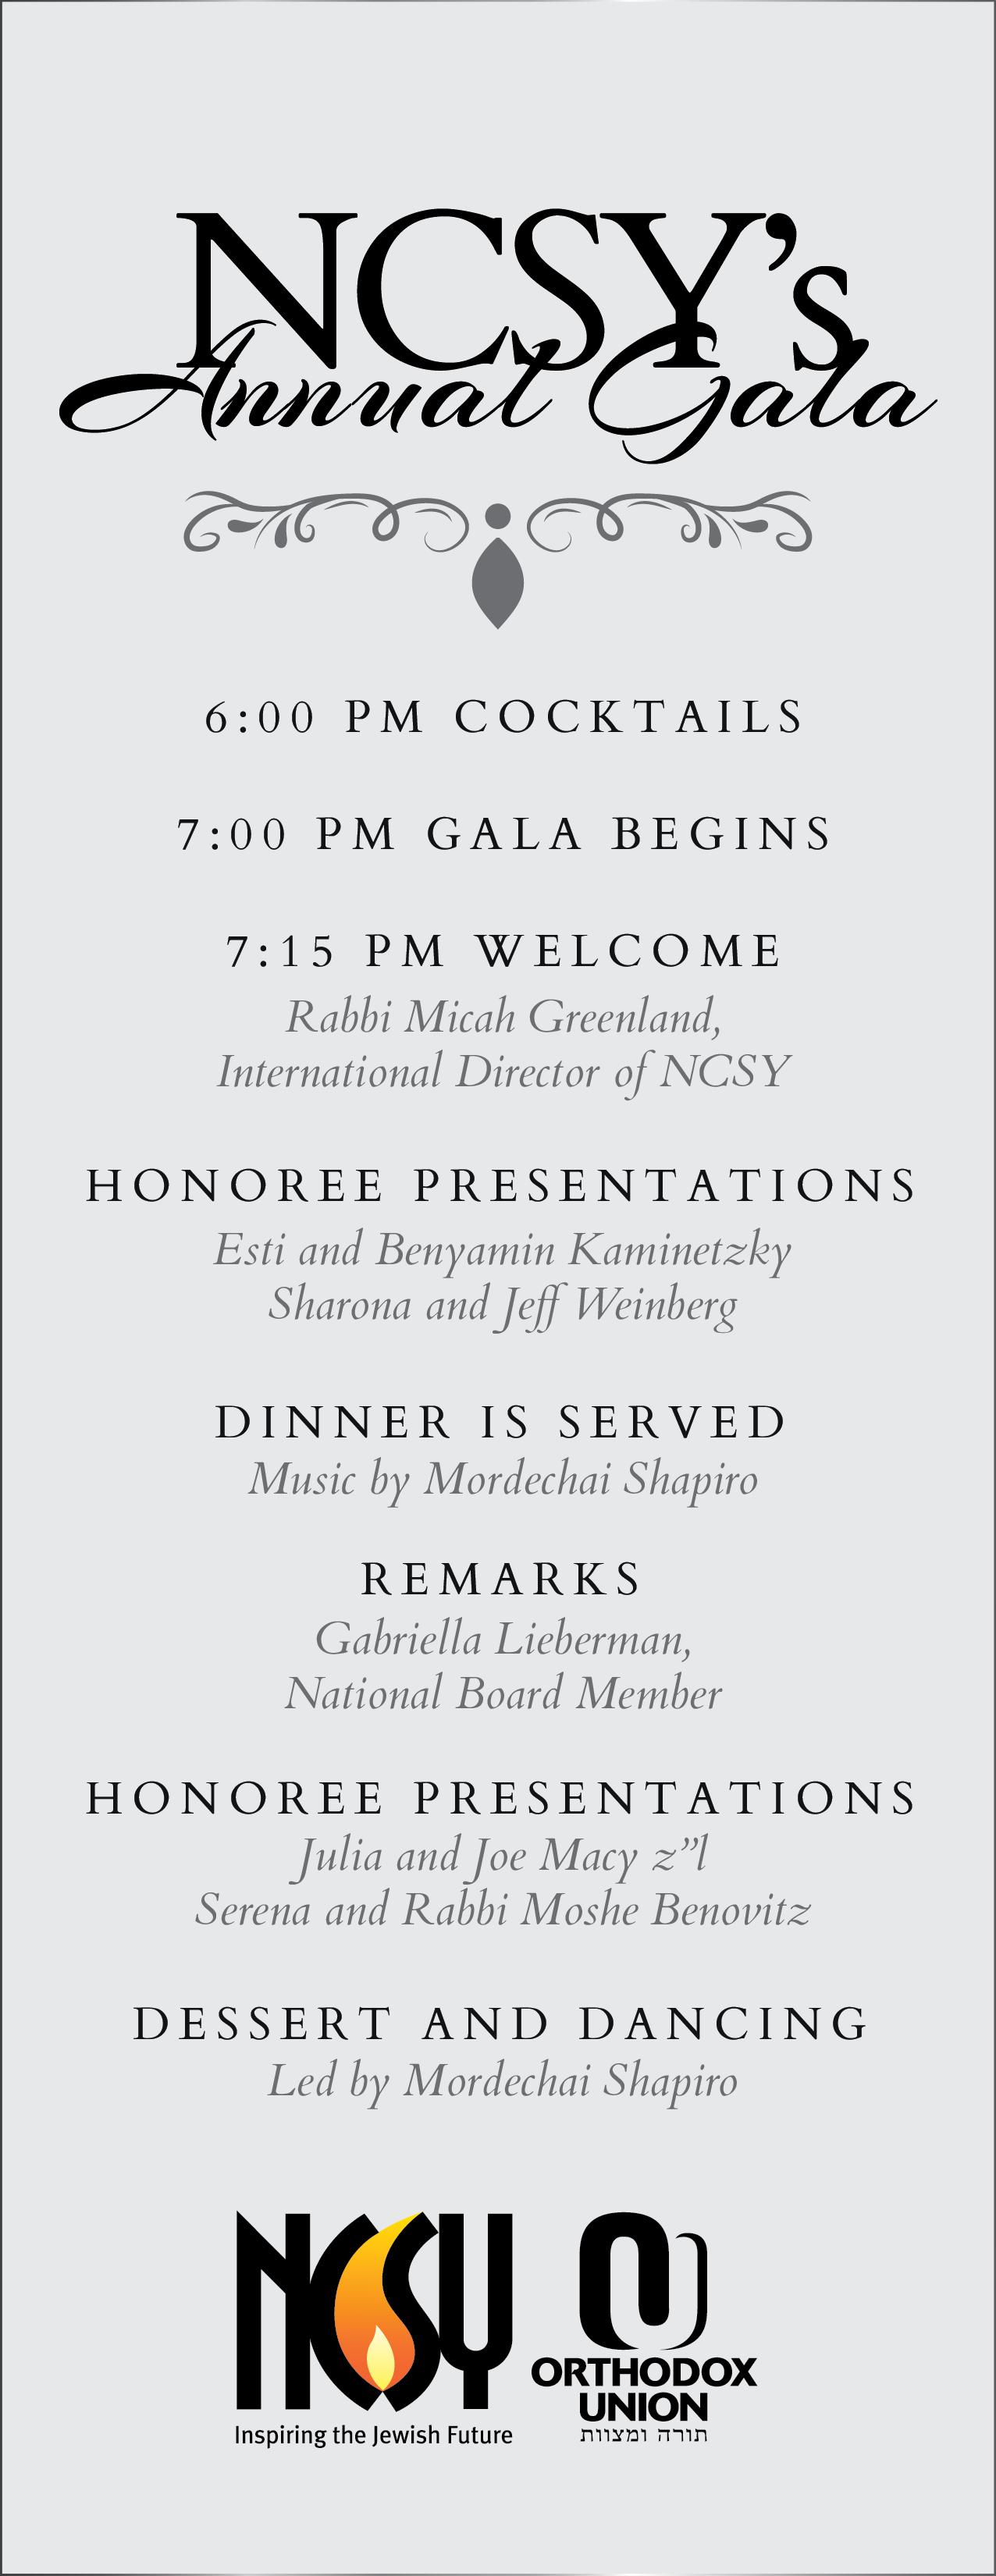 Annual Gala - Program, NCSY